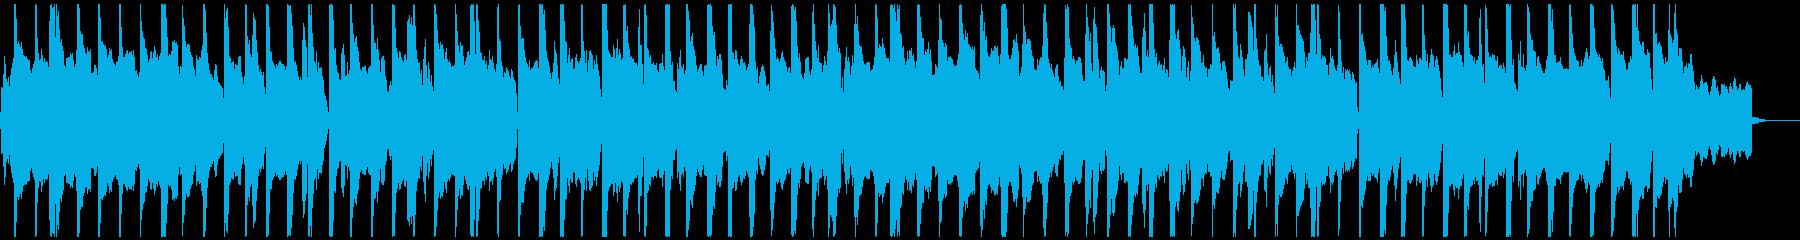 海をイメージした曲です。の再生済みの波形